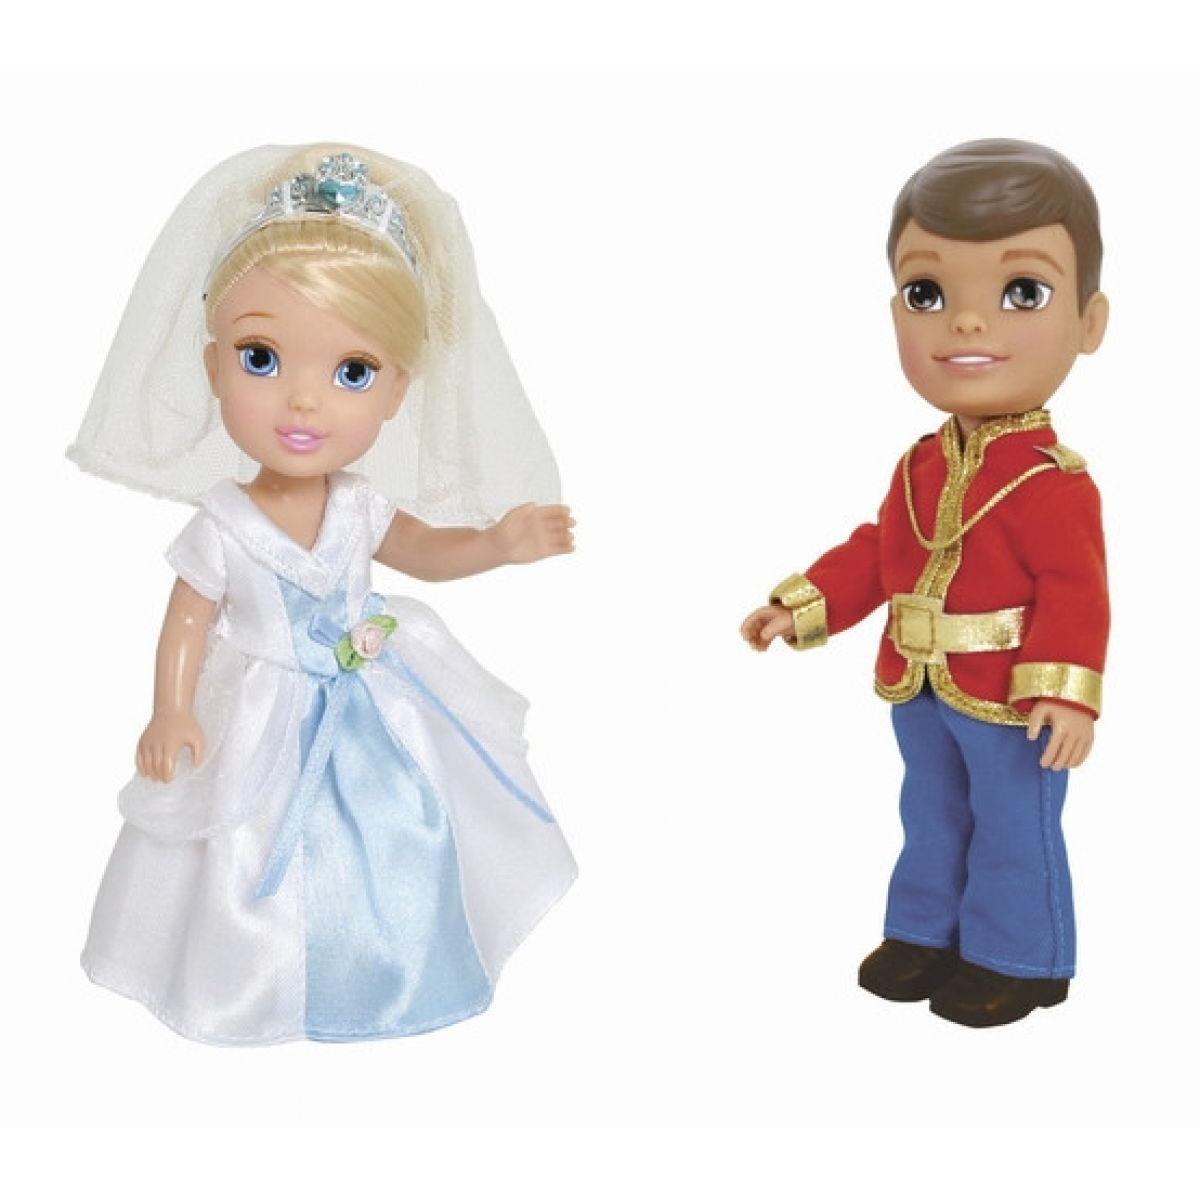 Disney Princezna a Princ 15cm - Popelka, okouzlující princ